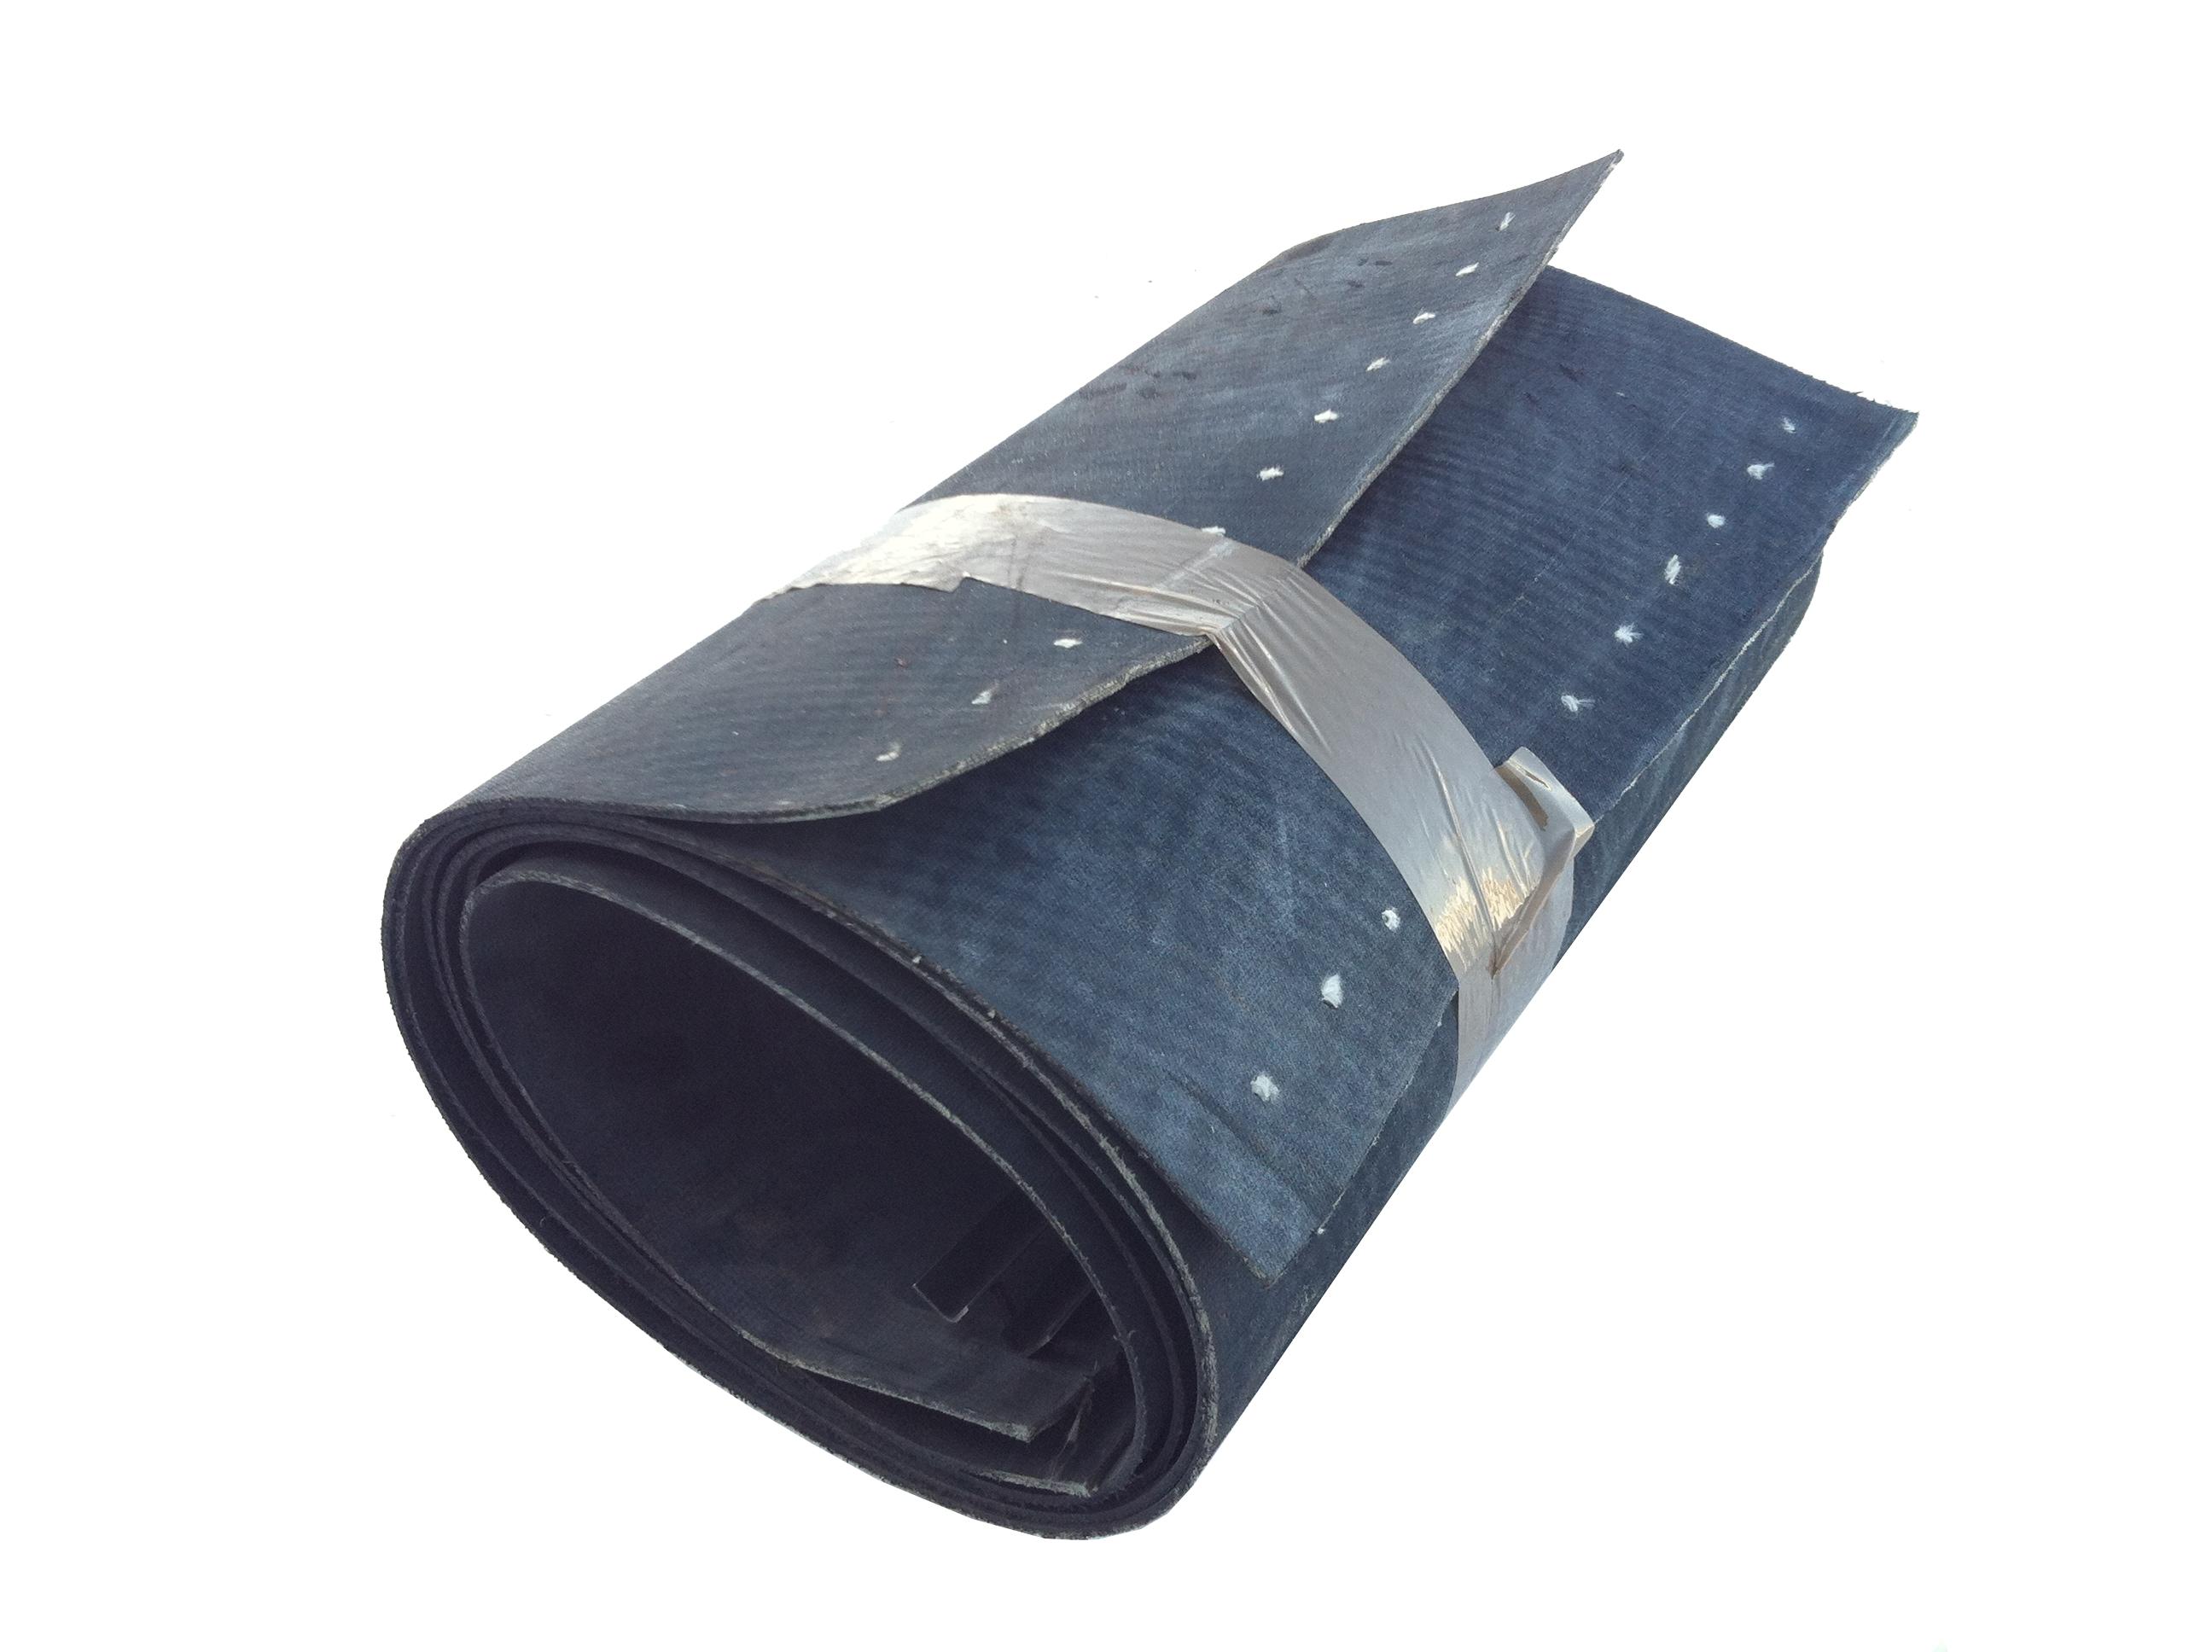 Транспортер кту длинный резиновый ленточный конвейер угол наклона